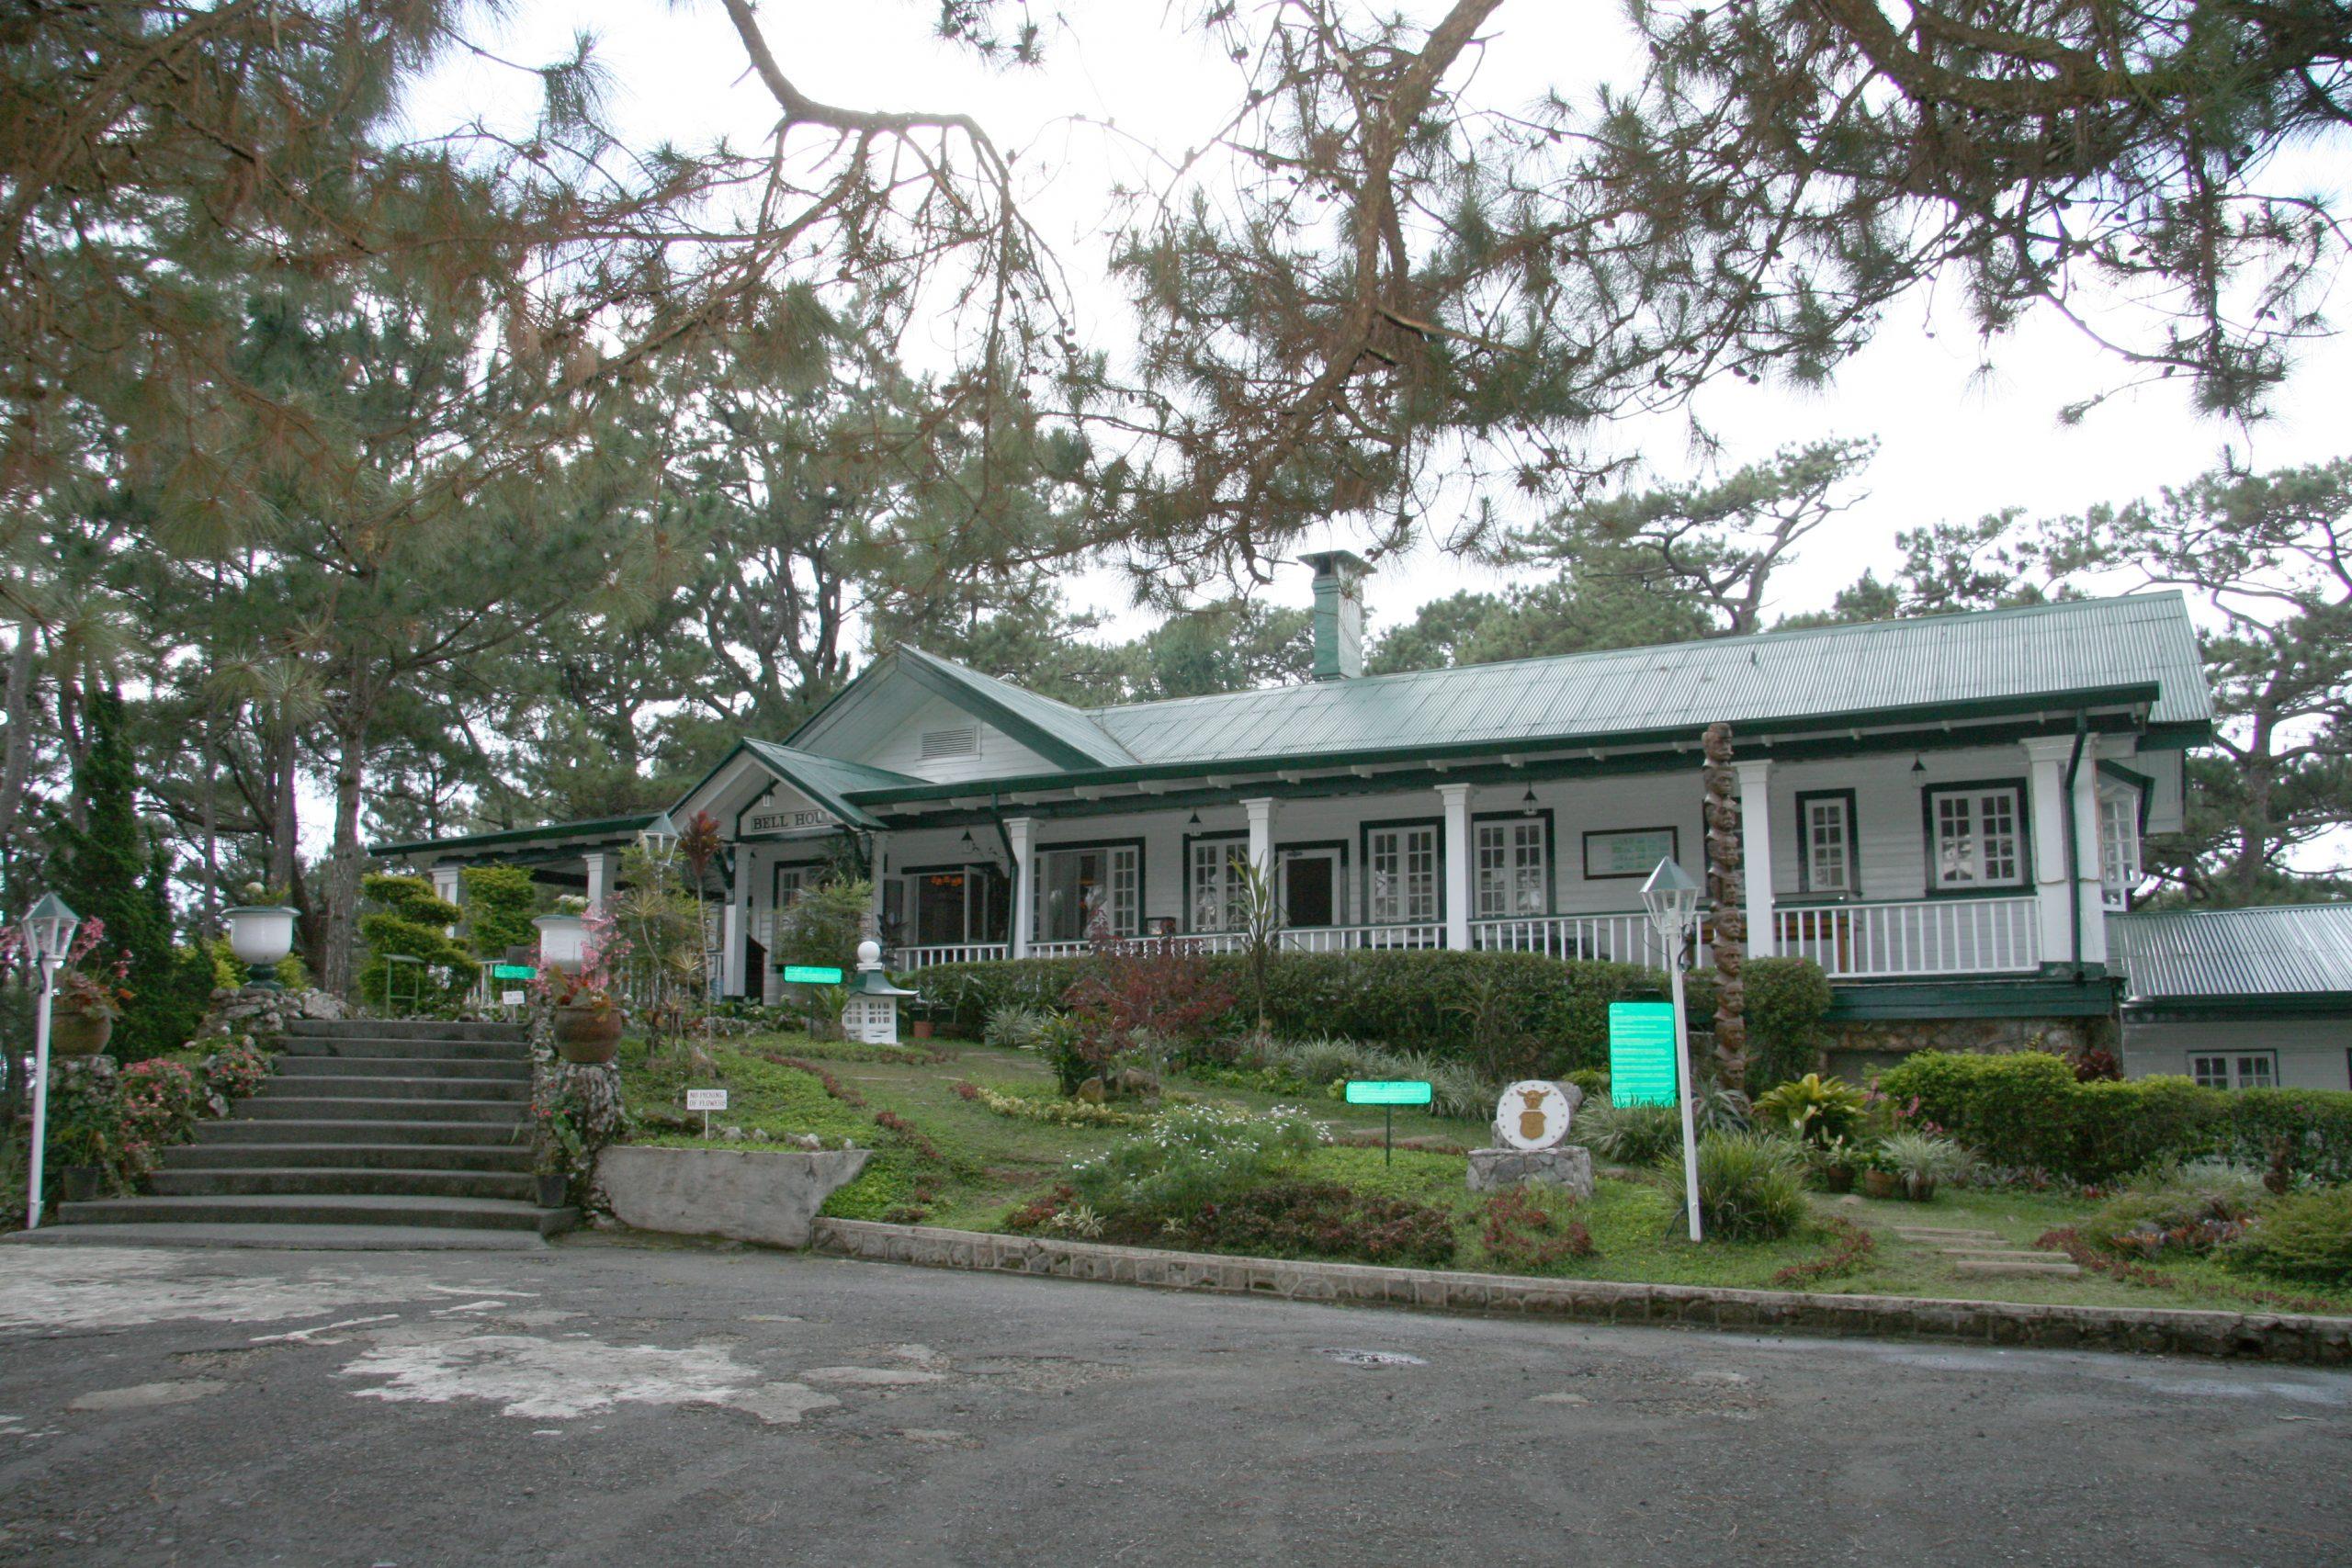 The Bell House Veranda